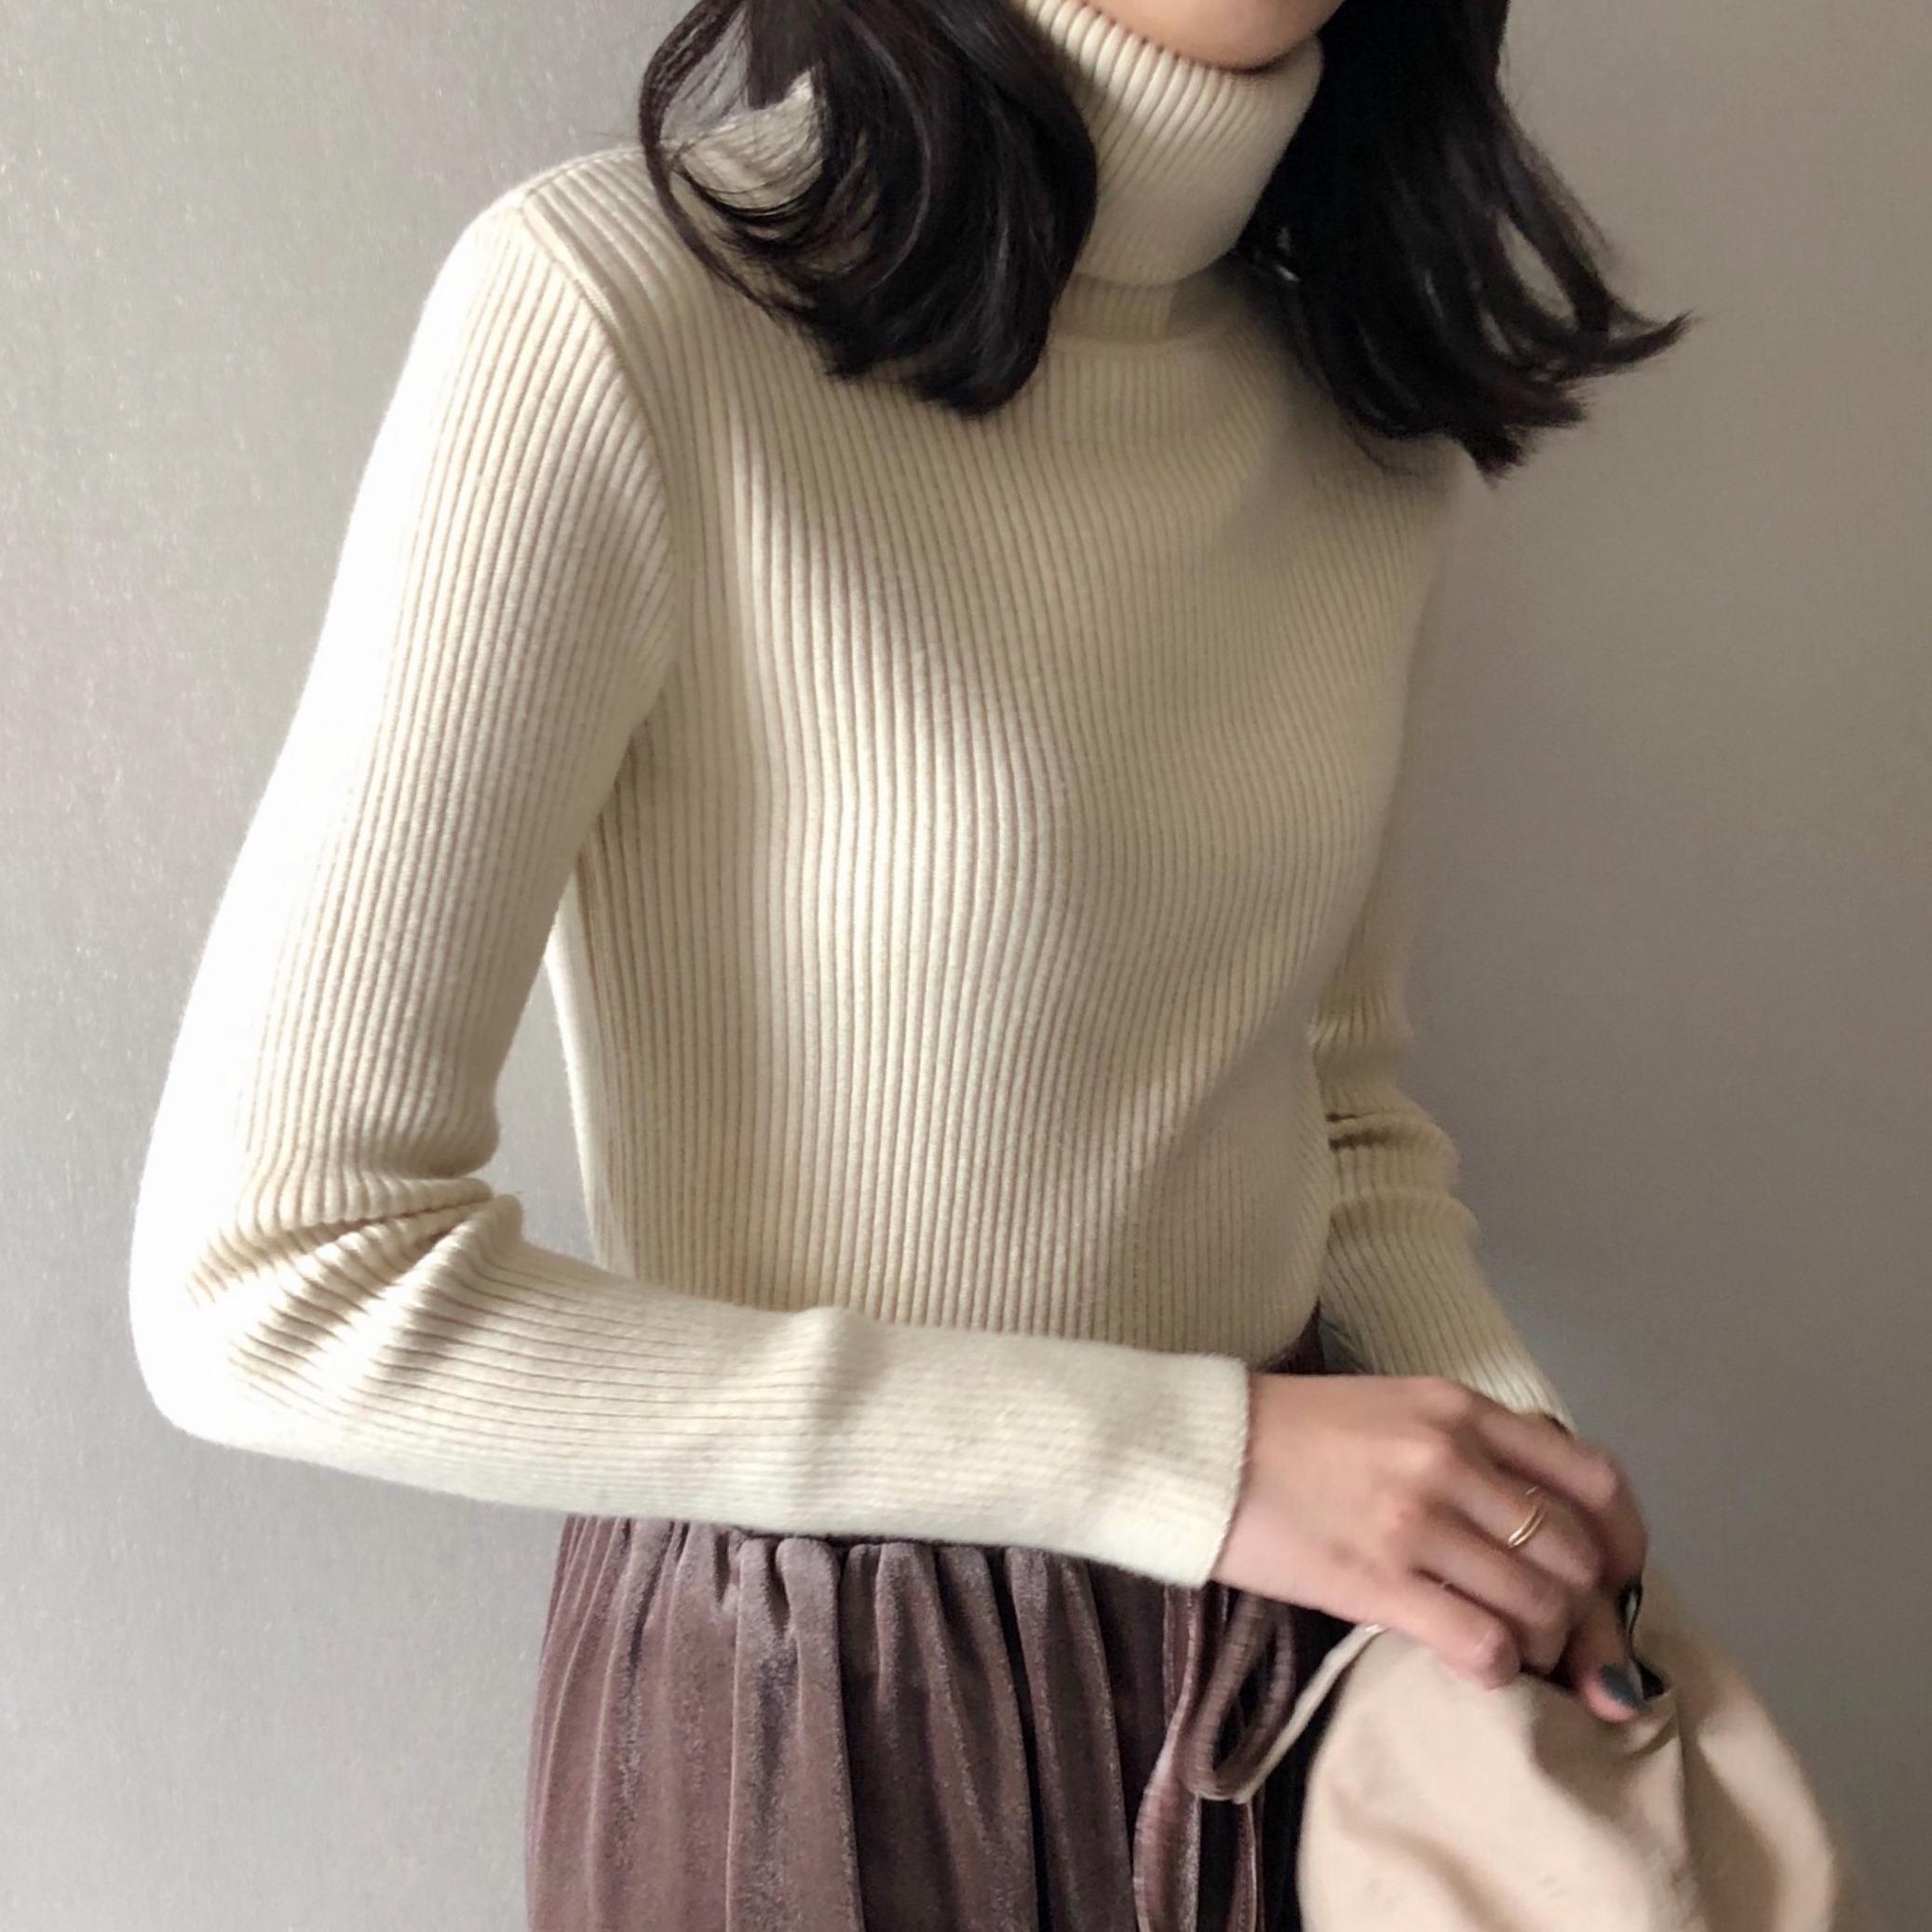 【送料無料】 5color♡ タートルネック リブ ニット カットソー ハイネック カラー豊富 セーター